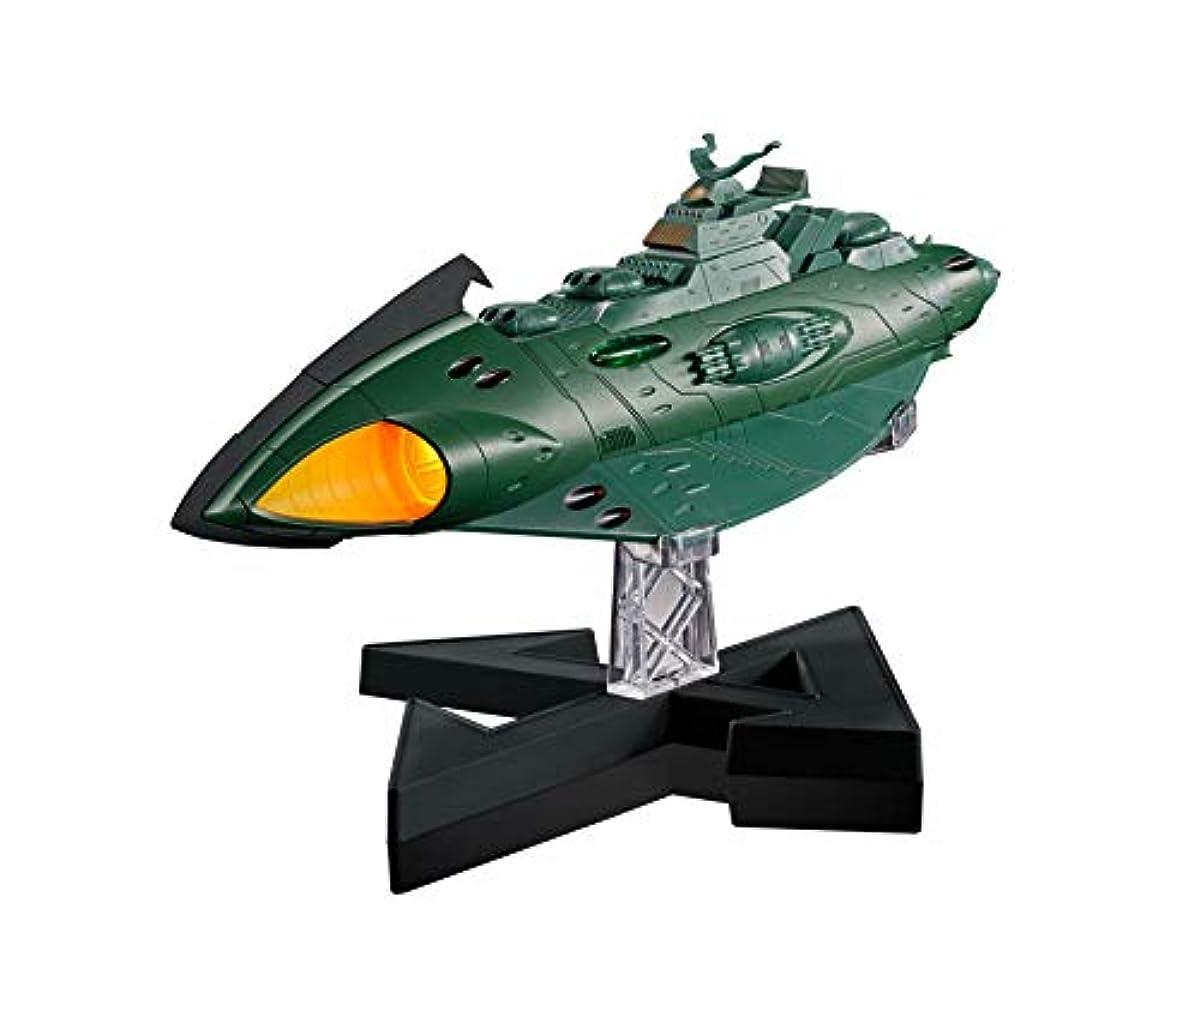 [해외] 초합성피혁금 혼 GX-89 우주 전함 야마토2202 가미러스 항주기갑함 전장 약240MM 다이캐스트&ABS제 도장필 가동 피규어